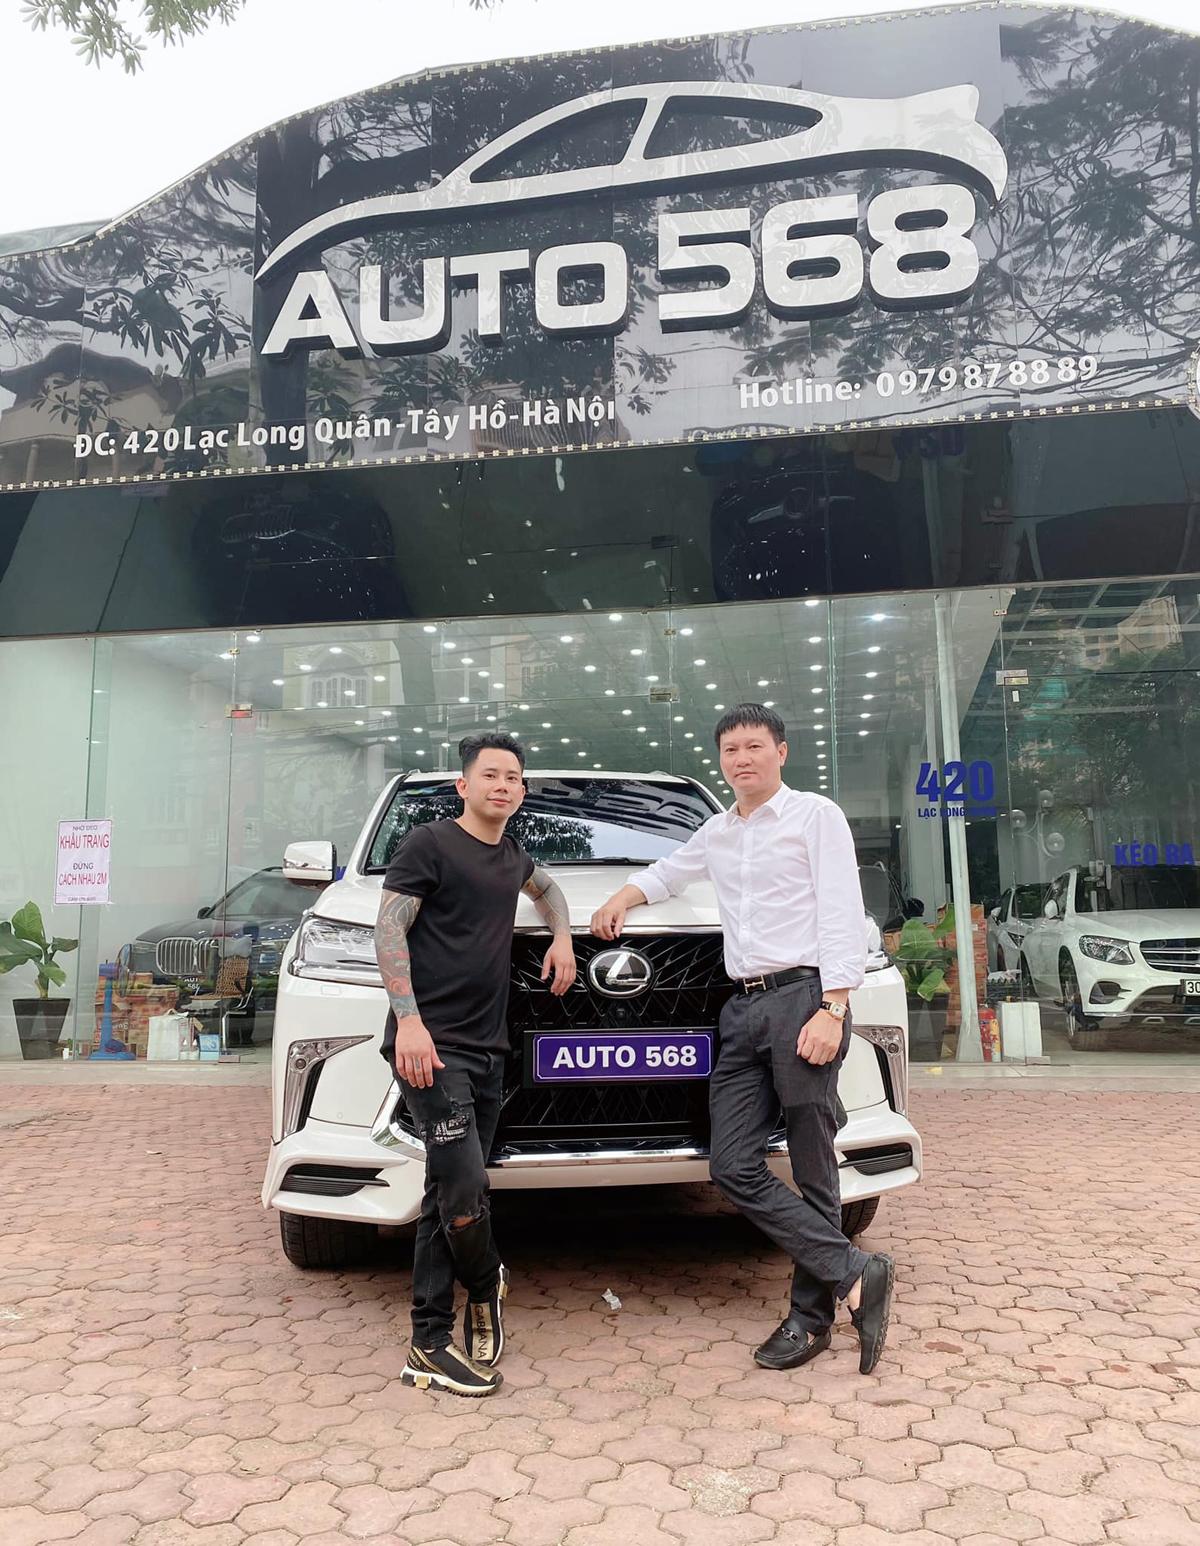 CEO Đào Nguyên - doanh nhân nổi tiếng với việc bán xế sang cho nghệ sĩ Việt